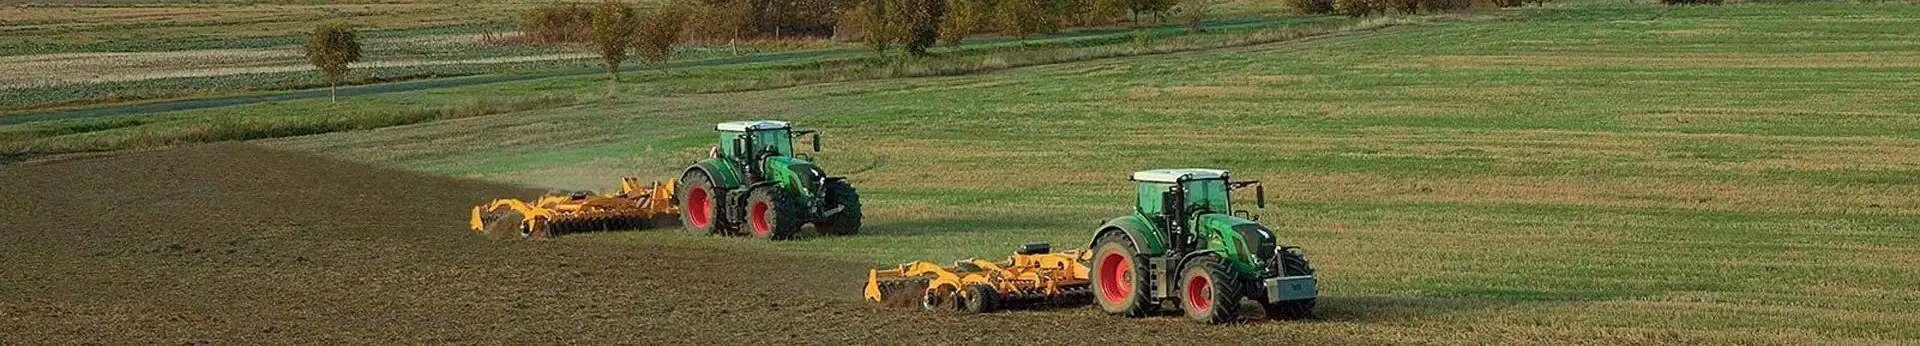 Zdjęcie dwóch agregatów uprawowych AGRISEM pracujących na polu z zielonymi ciągnikami korbanek.pl